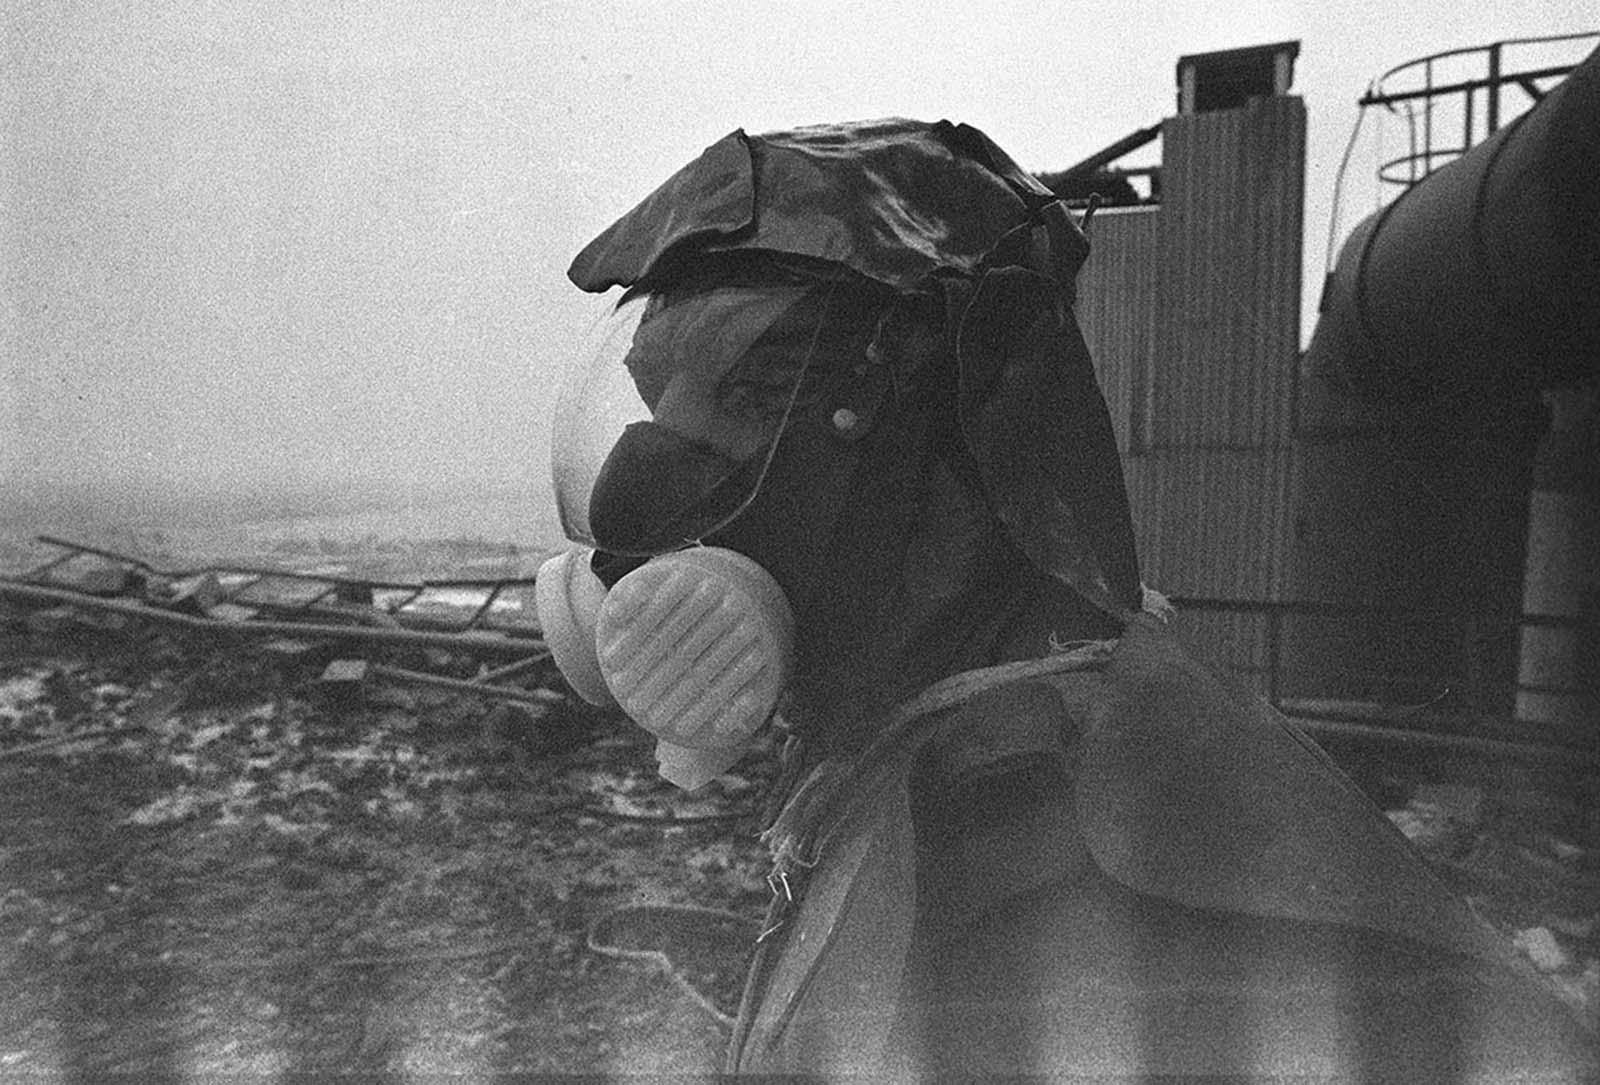 Ликвидатор, участващ в разчистването на покрива на Трети реактор.